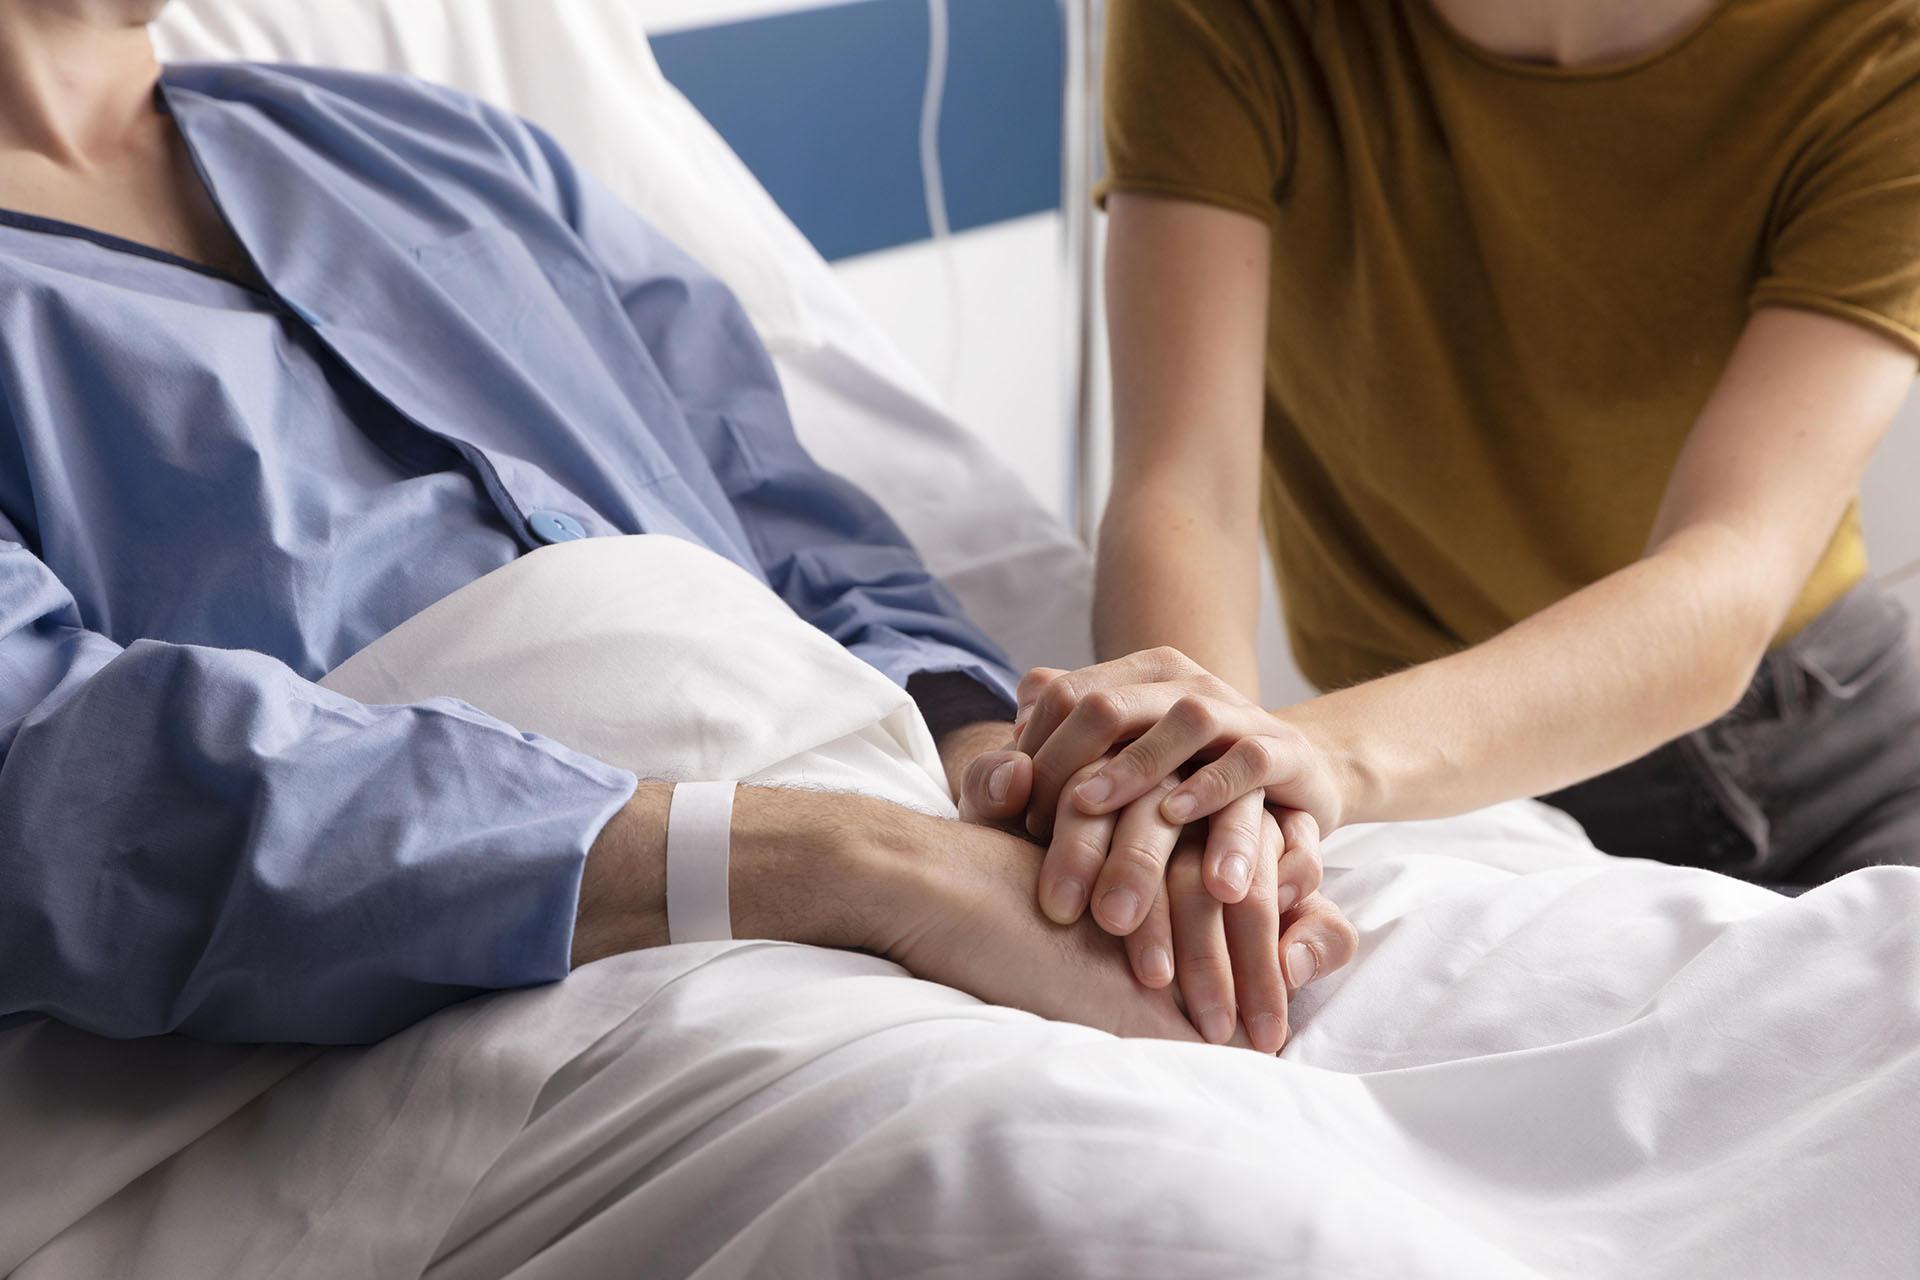 Acompanhantes e Visitas nos Hospitais. Atualização de Orientação 038/2020.